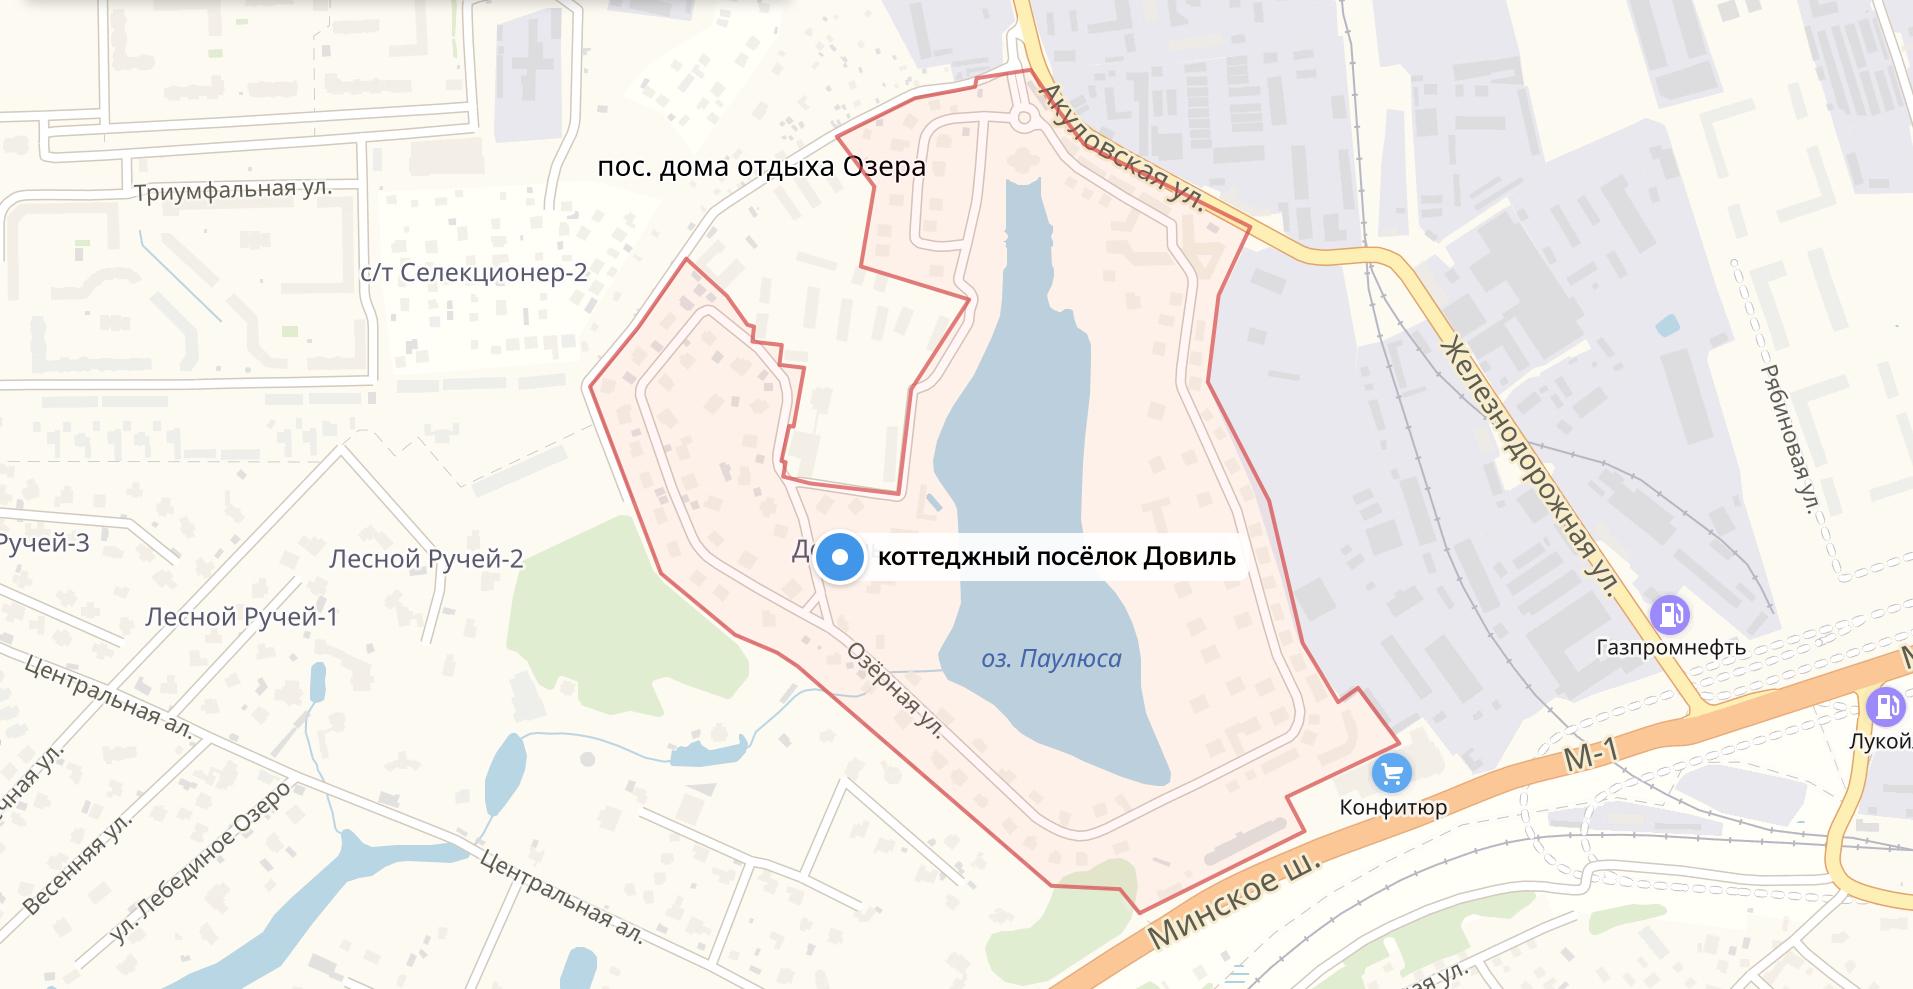 Подключить интернет в коттеджном посёлке Довиль